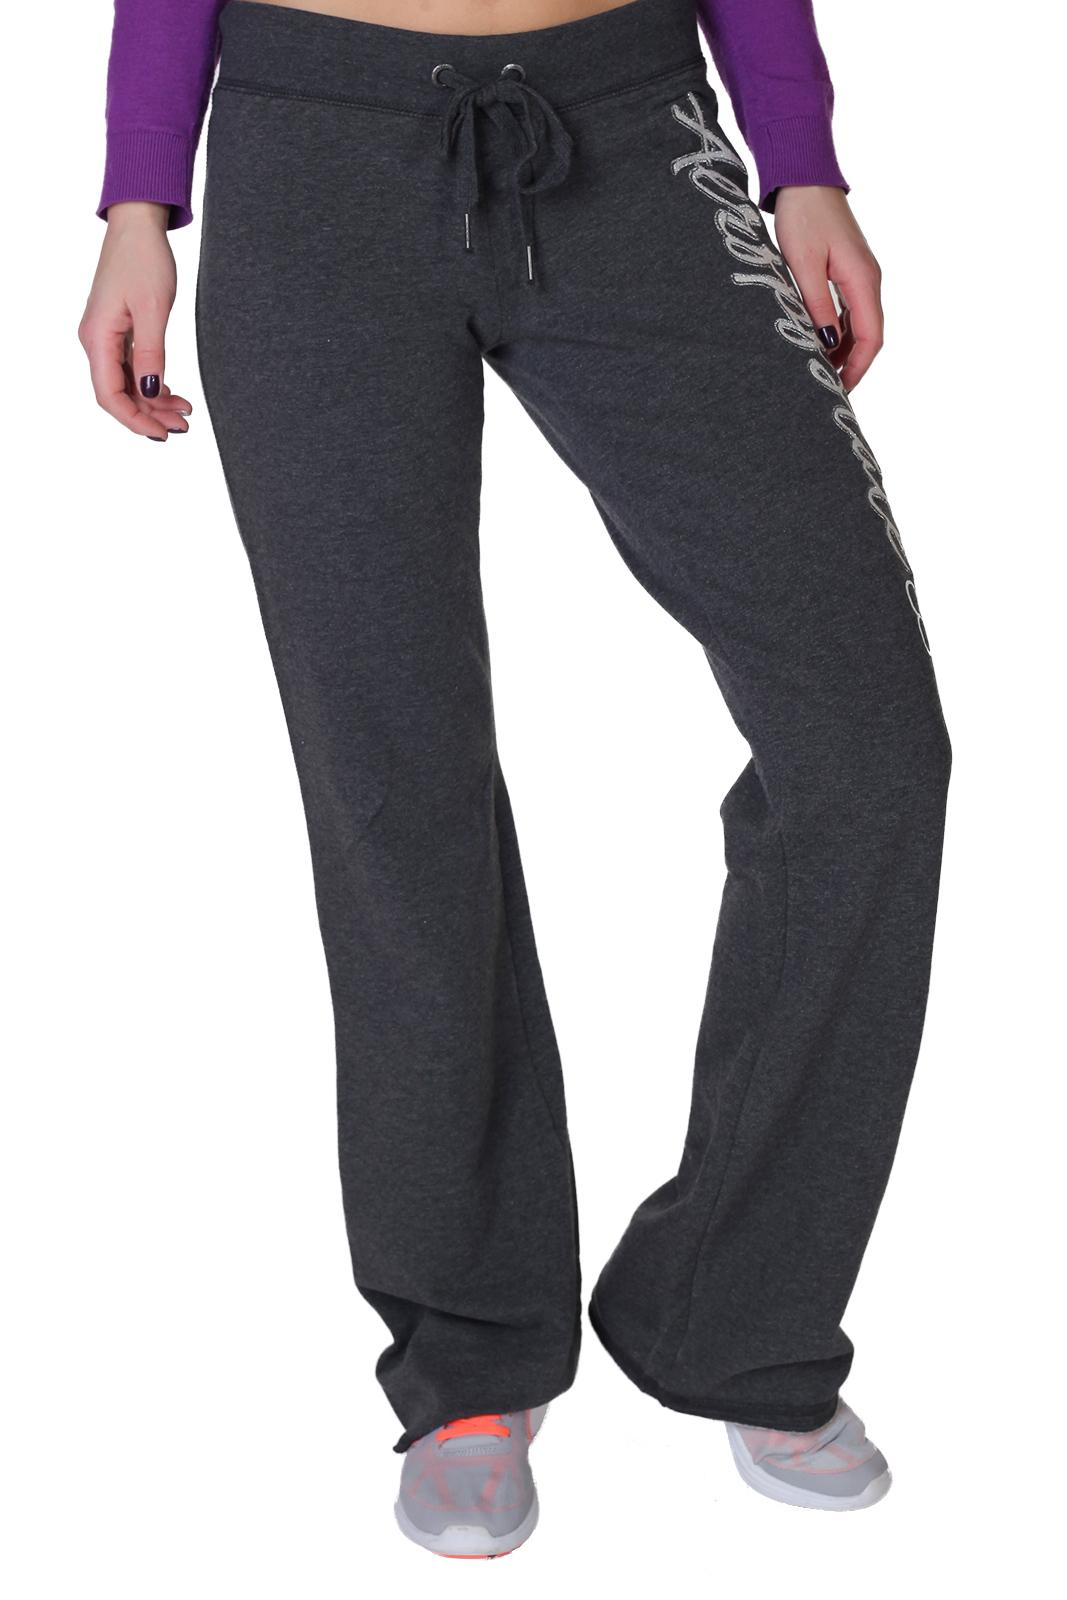 Широкие спортивные штаны на удобной резинке